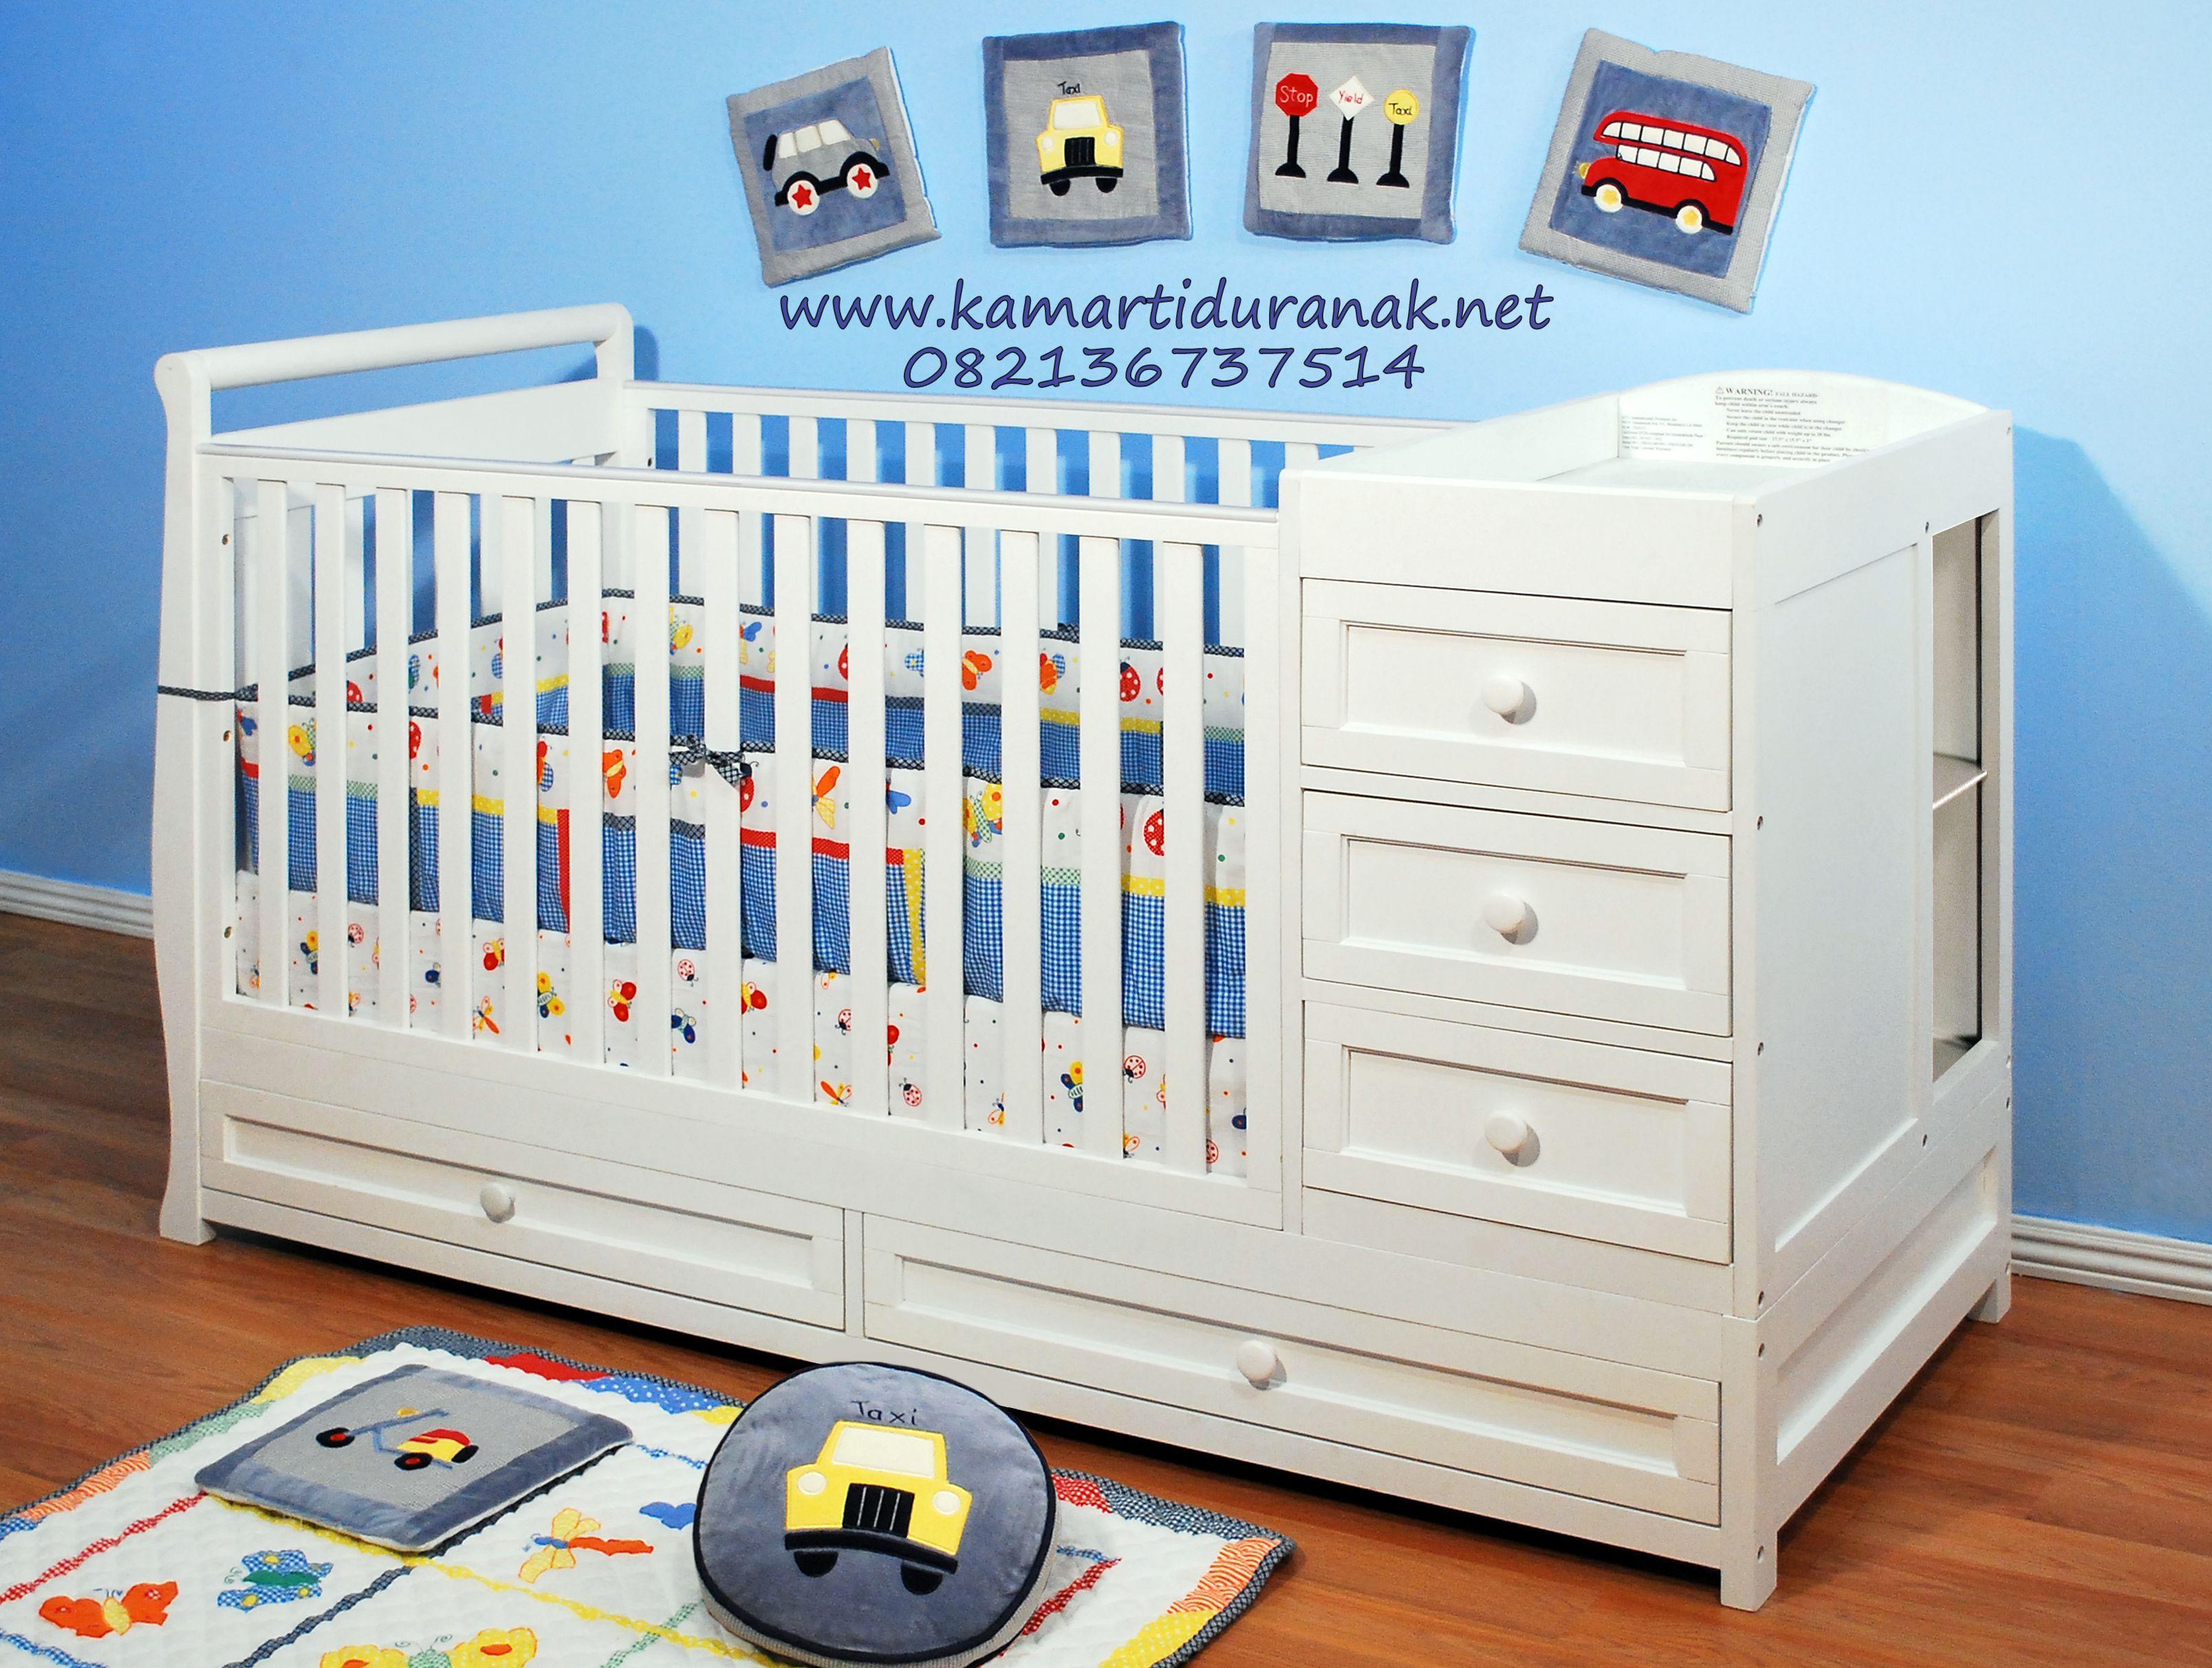 Gendongan Bayi Simple Fungsional Dan Trendi Ini Menawarkan